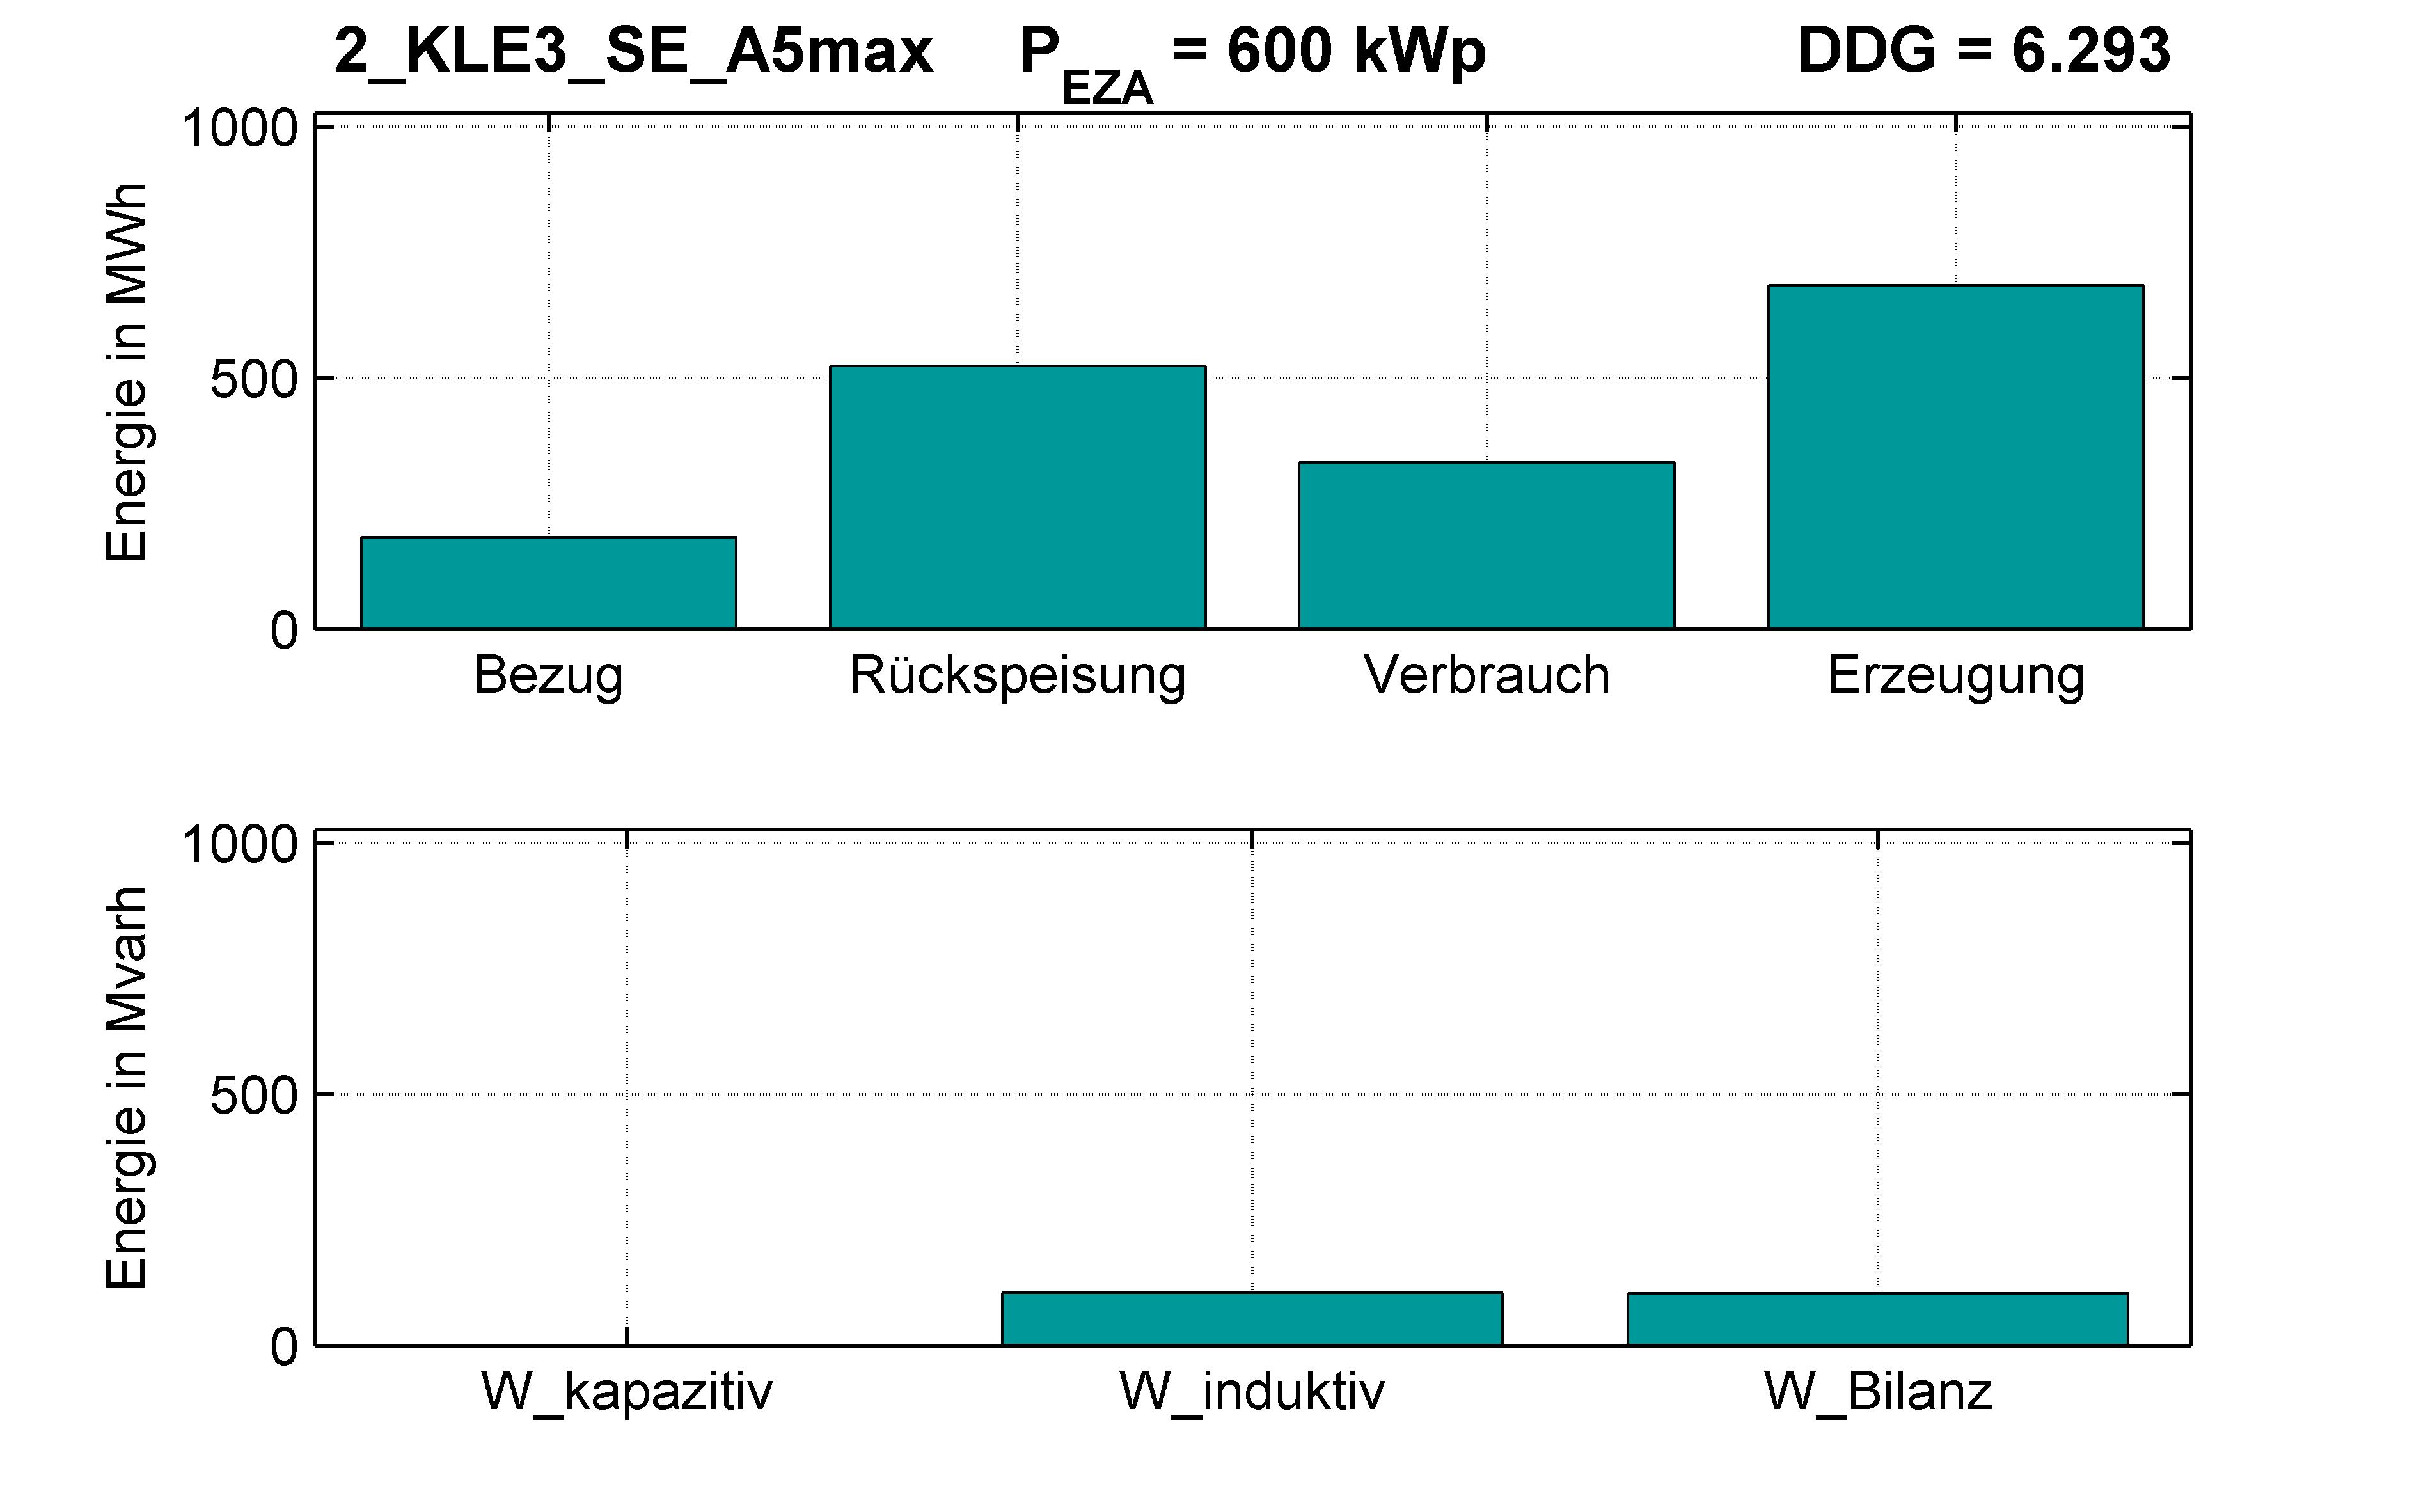 KLE3 | P-Kappung 85% (SE) A5max | PQ-Bilanz